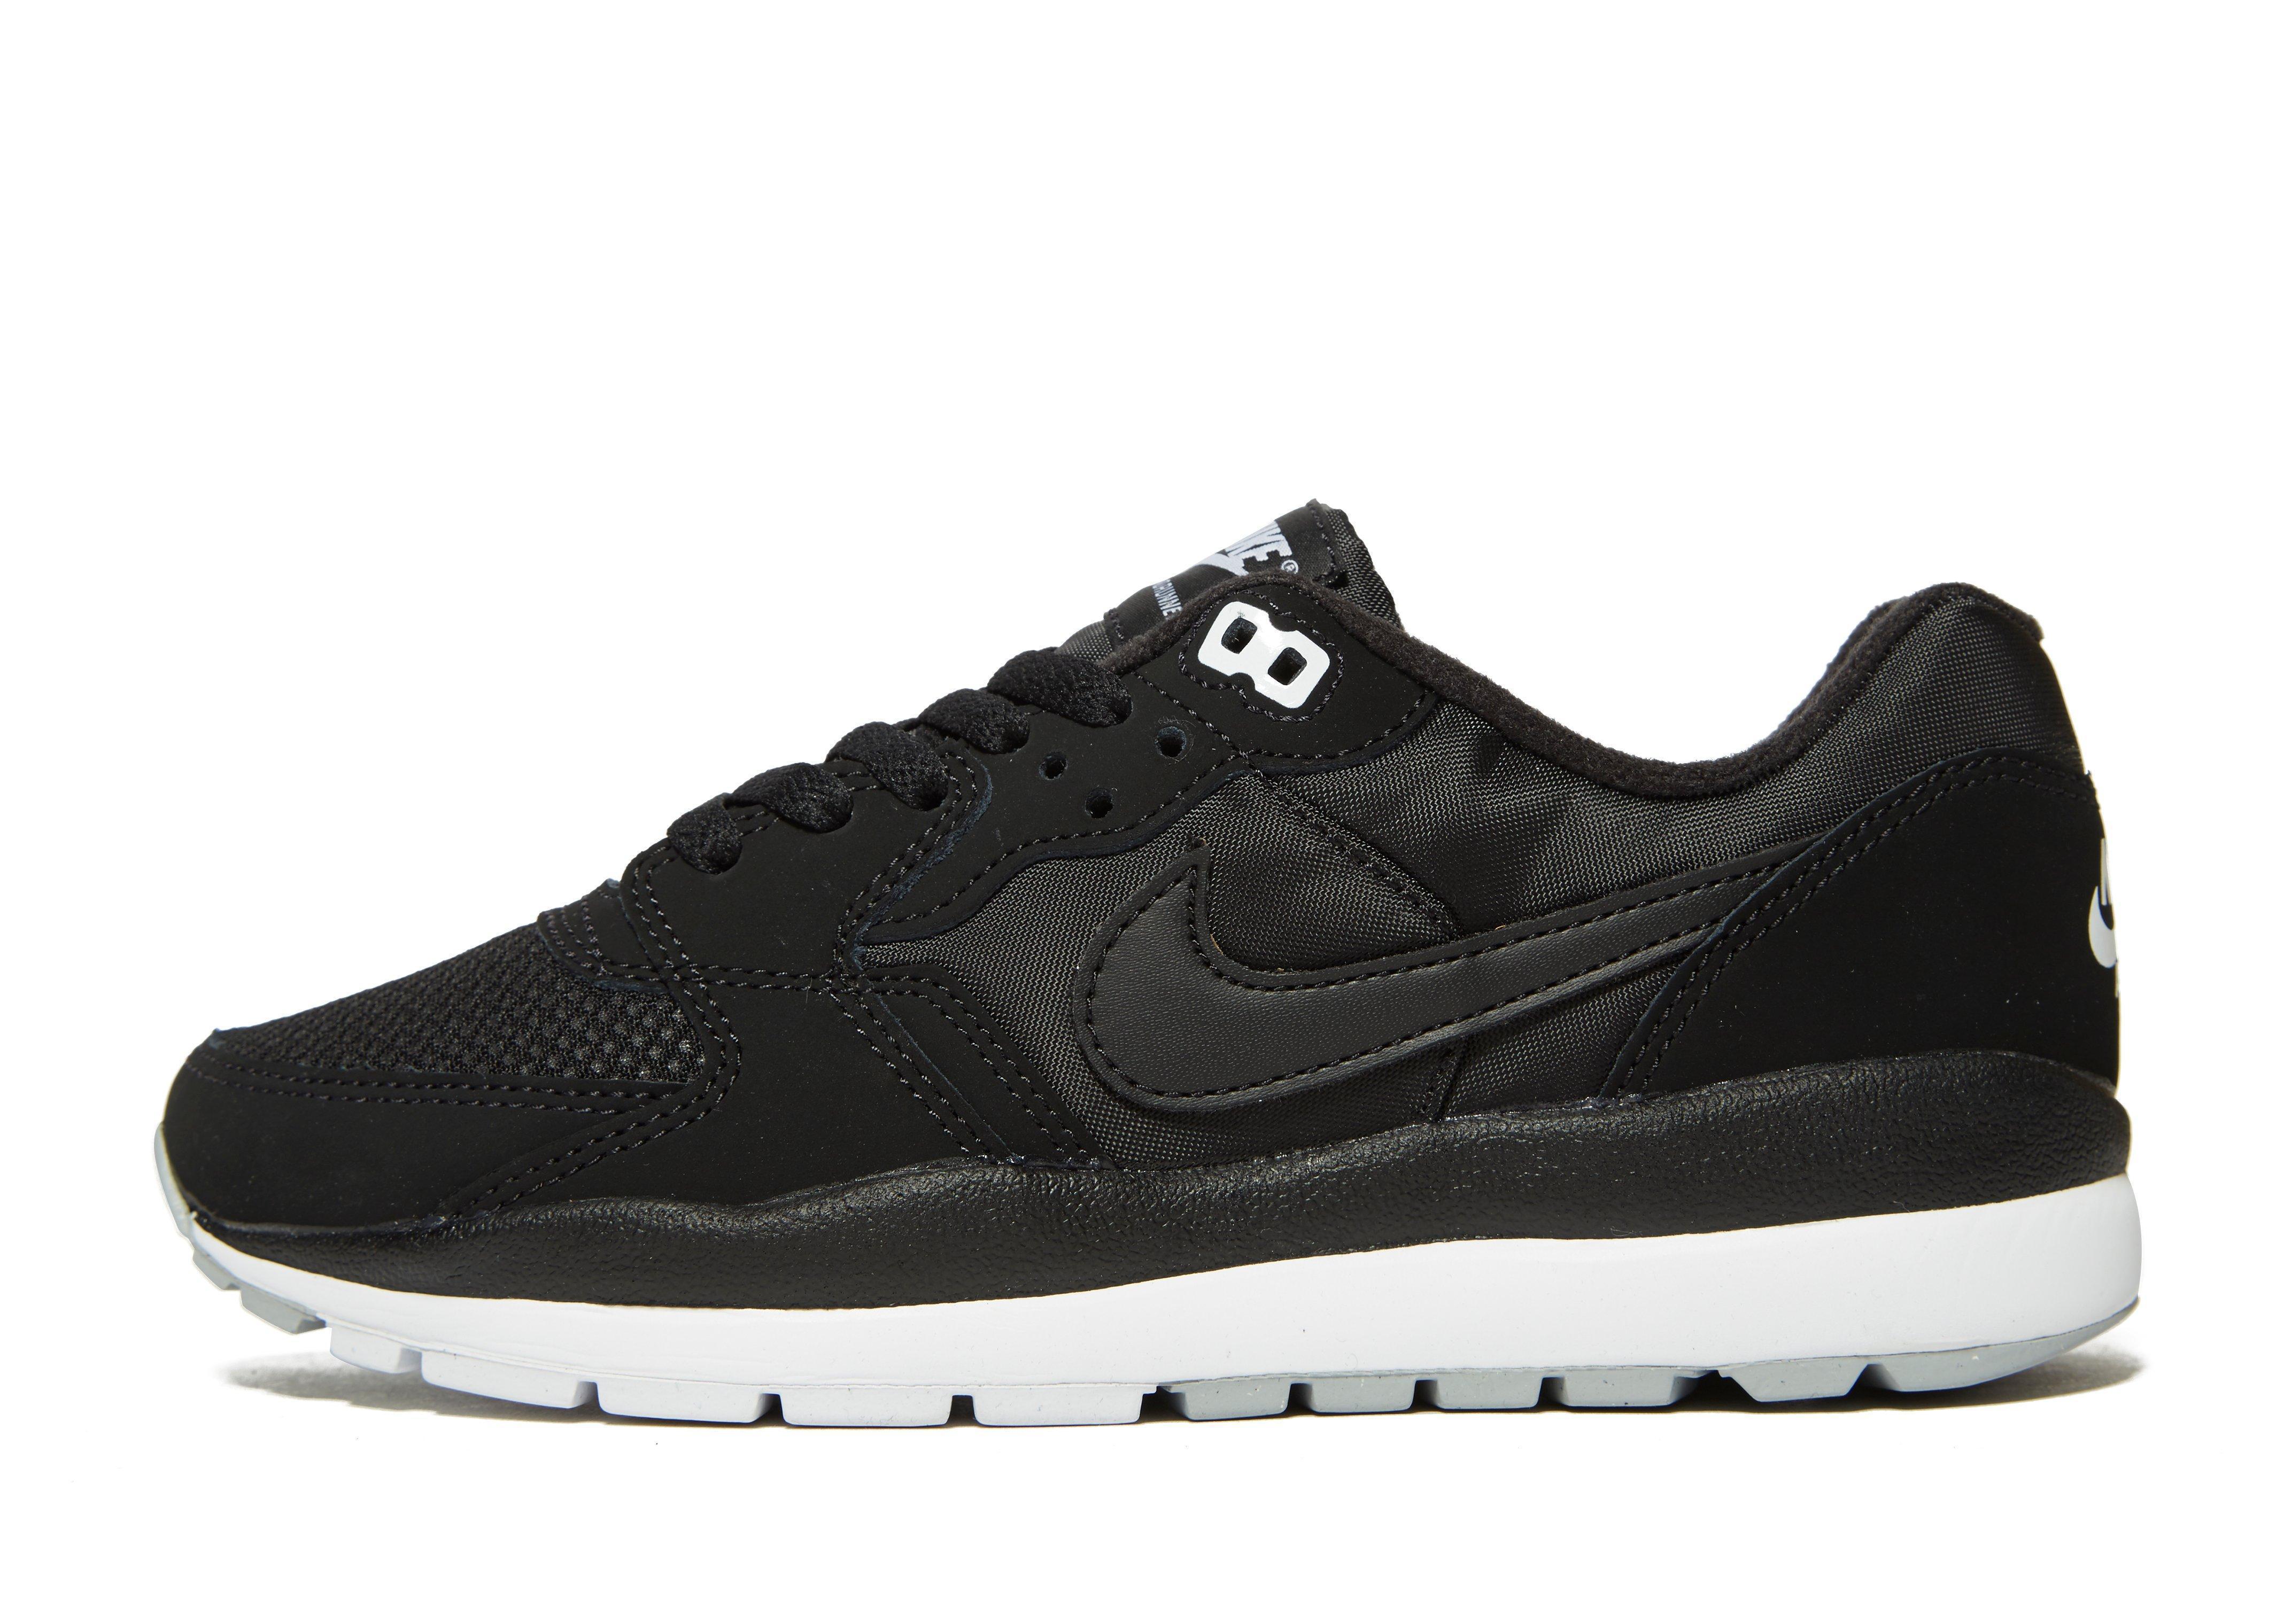 Lyst - Nike Air Windrunner Junior in Black for Men d7e39adc2